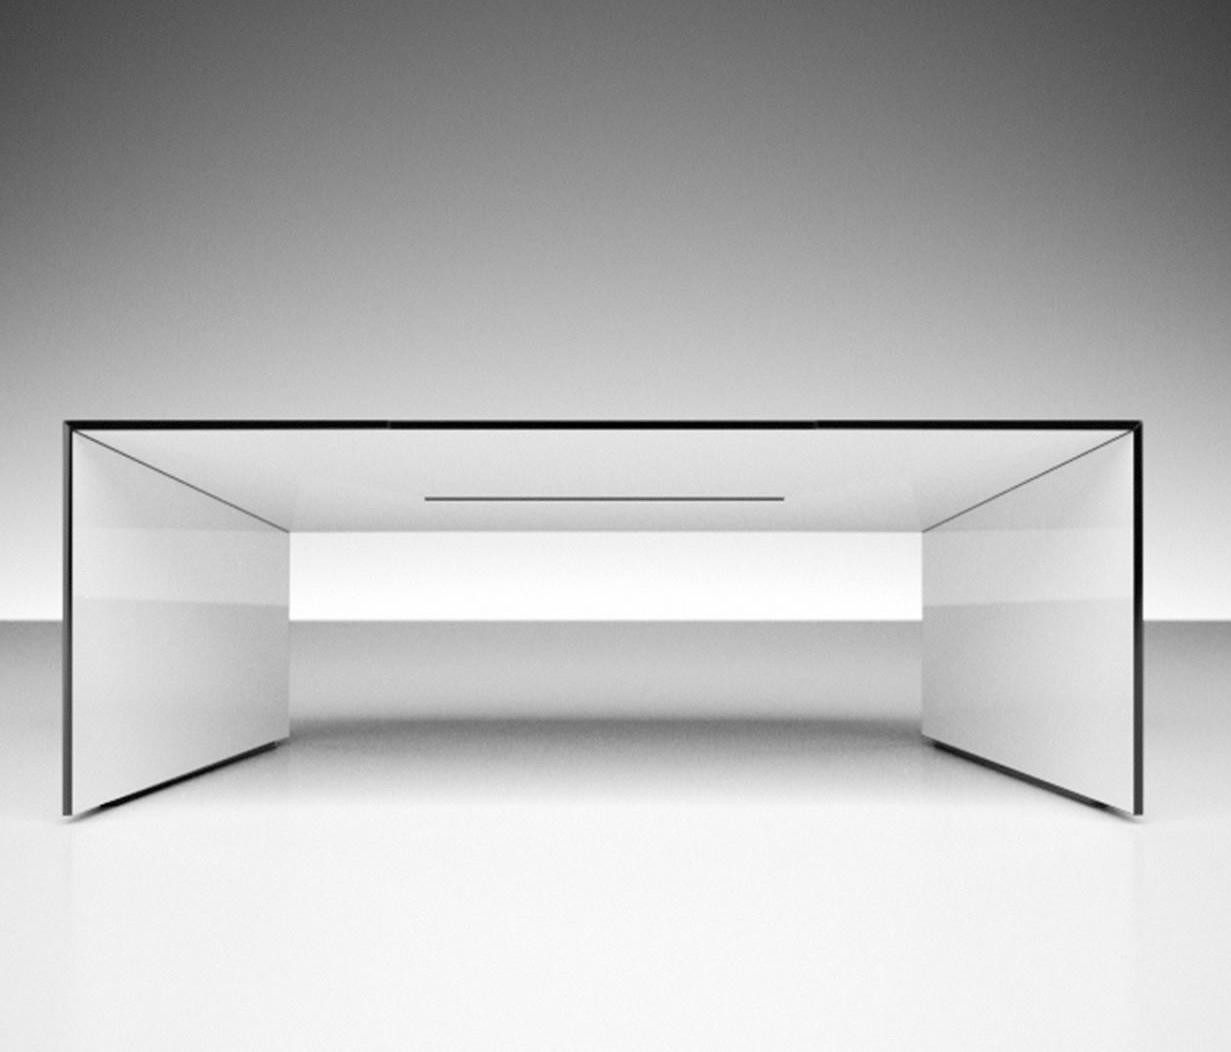 Schreibtisch futuristisch  COMMENTOR SCHREIBTISCH - Objekttische von Rechteck   Architonic